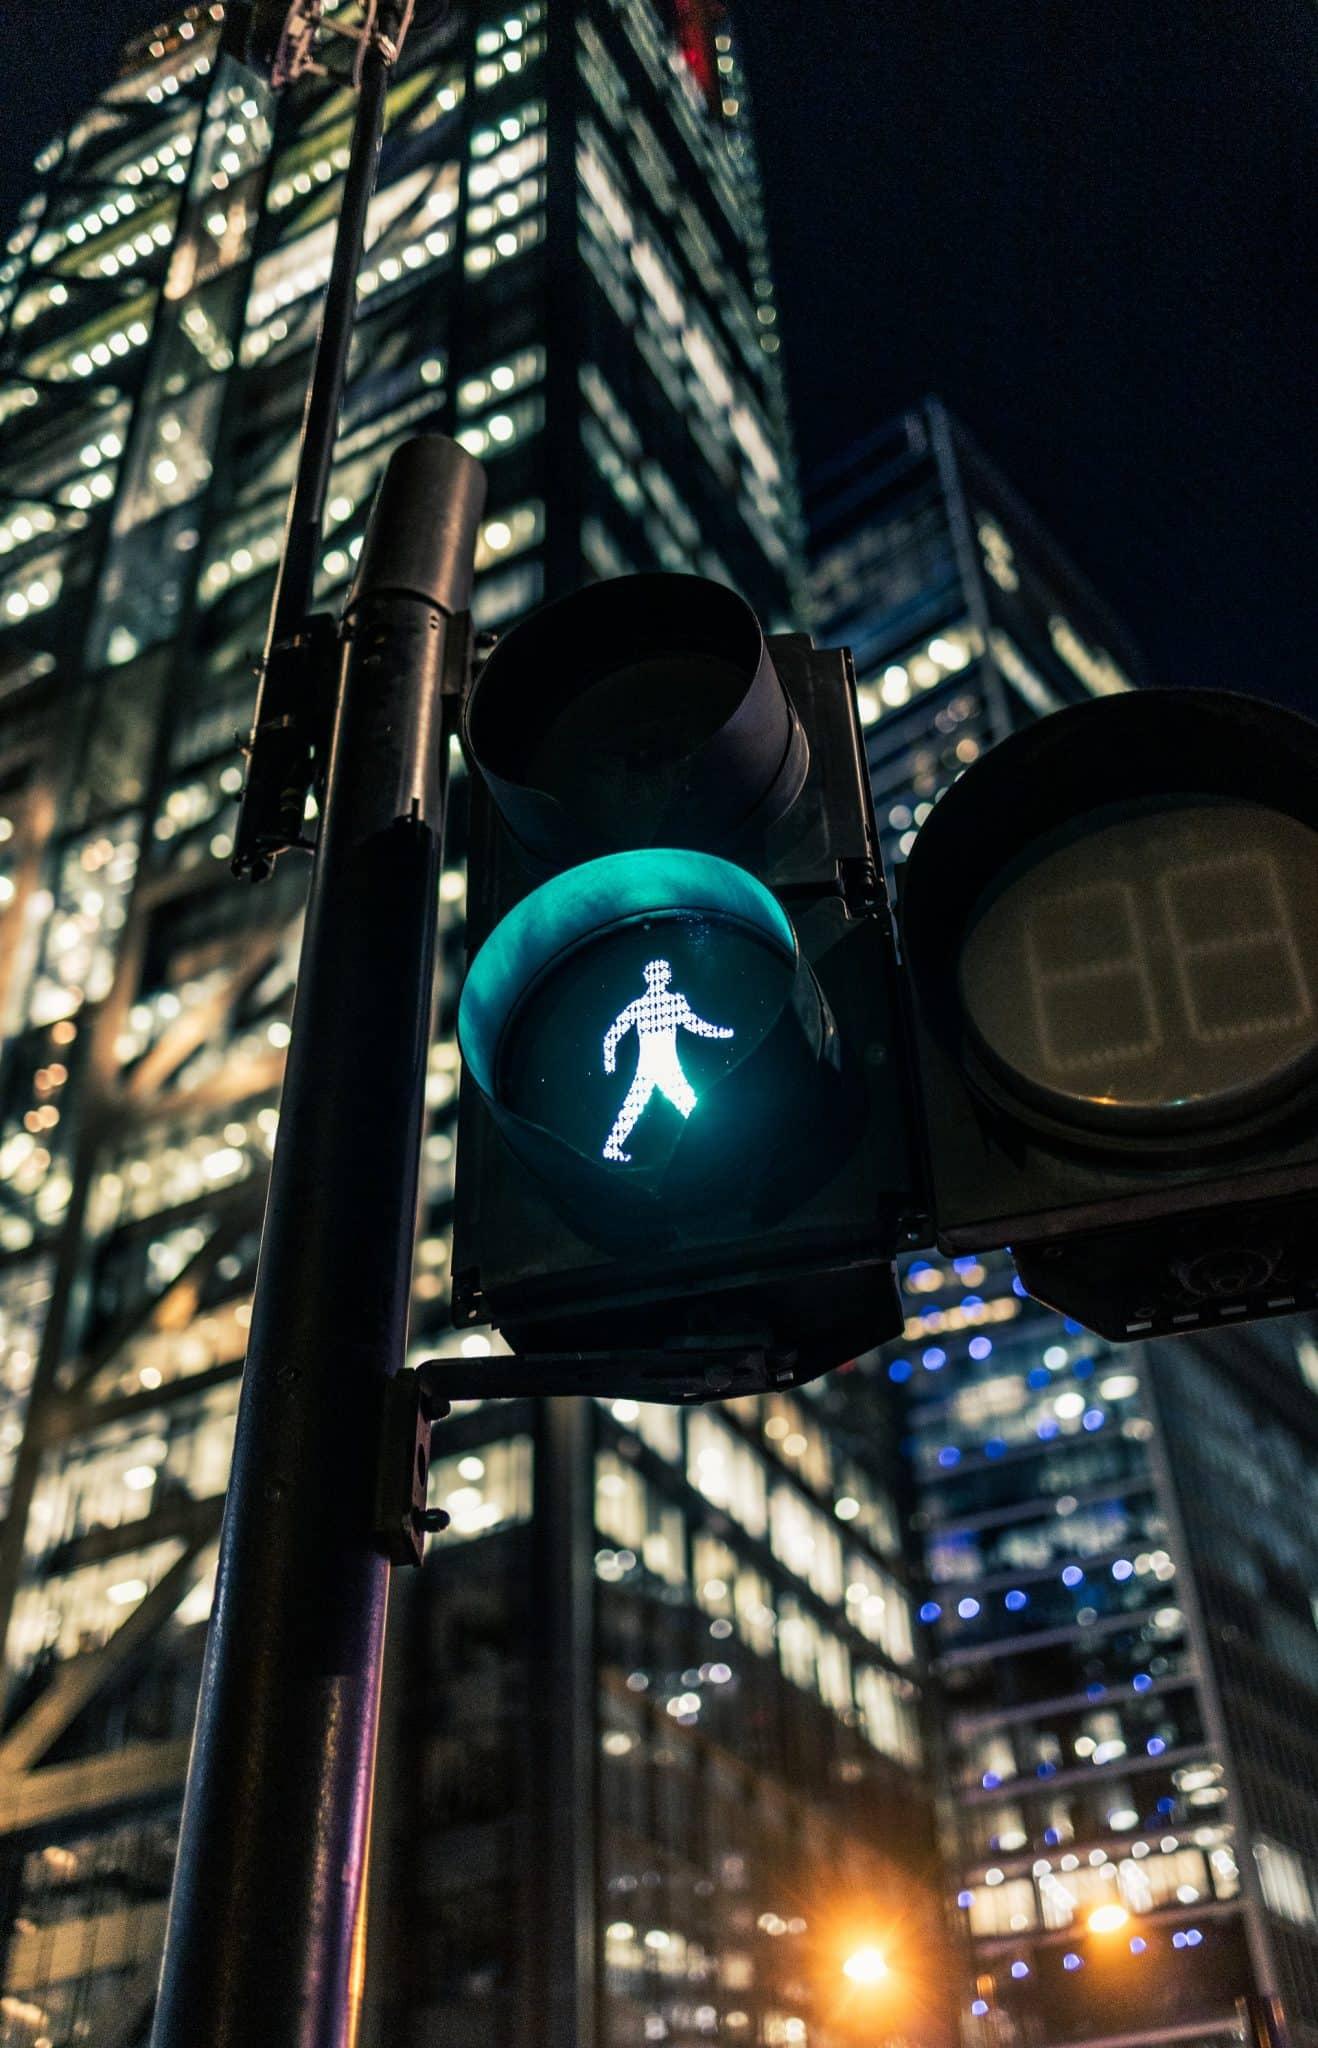 UK Traffic Light System for Travel